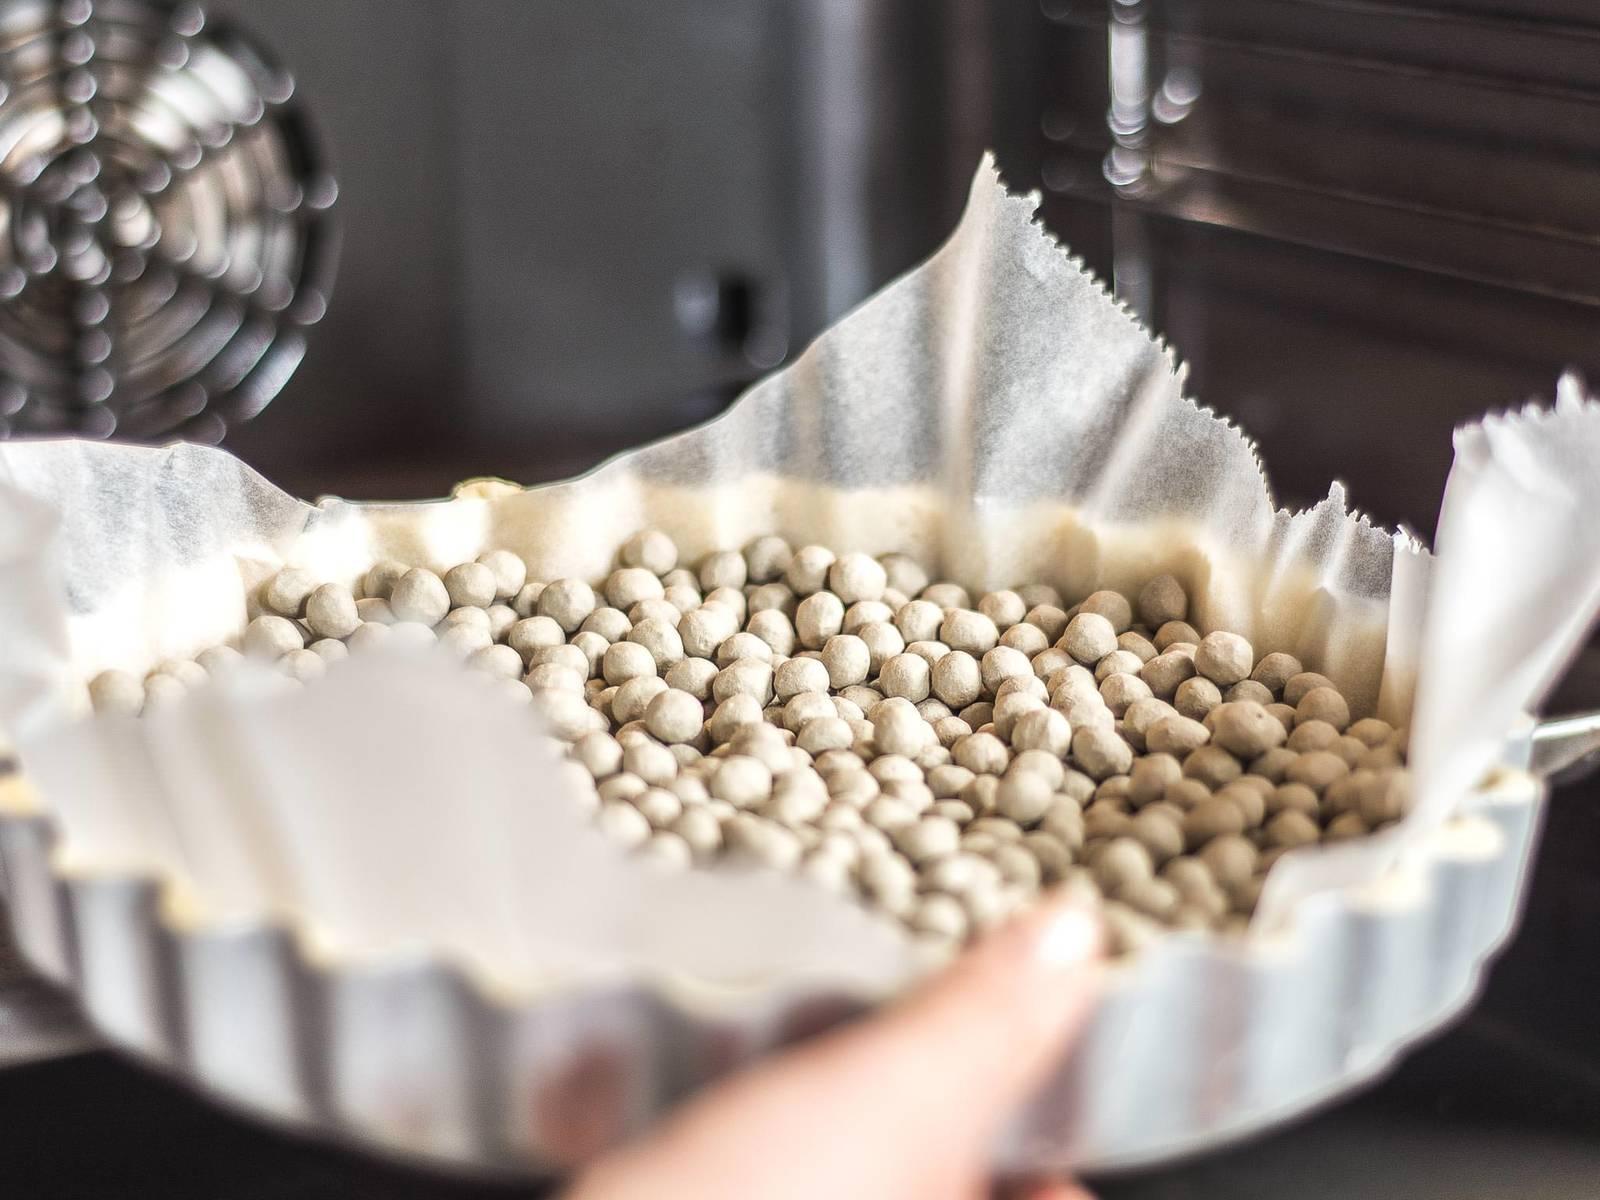 将面团擀成约0.3厘米厚的面皮,放入蛋糕烤盘中。在面皮上铺烘焙纸,再将干豌豆压在烘焙纸上,放入预热好的烤箱里,用180摄氏度盲烘烤12-15 分钟。从烤箱中取出后冷却10-15分钟。